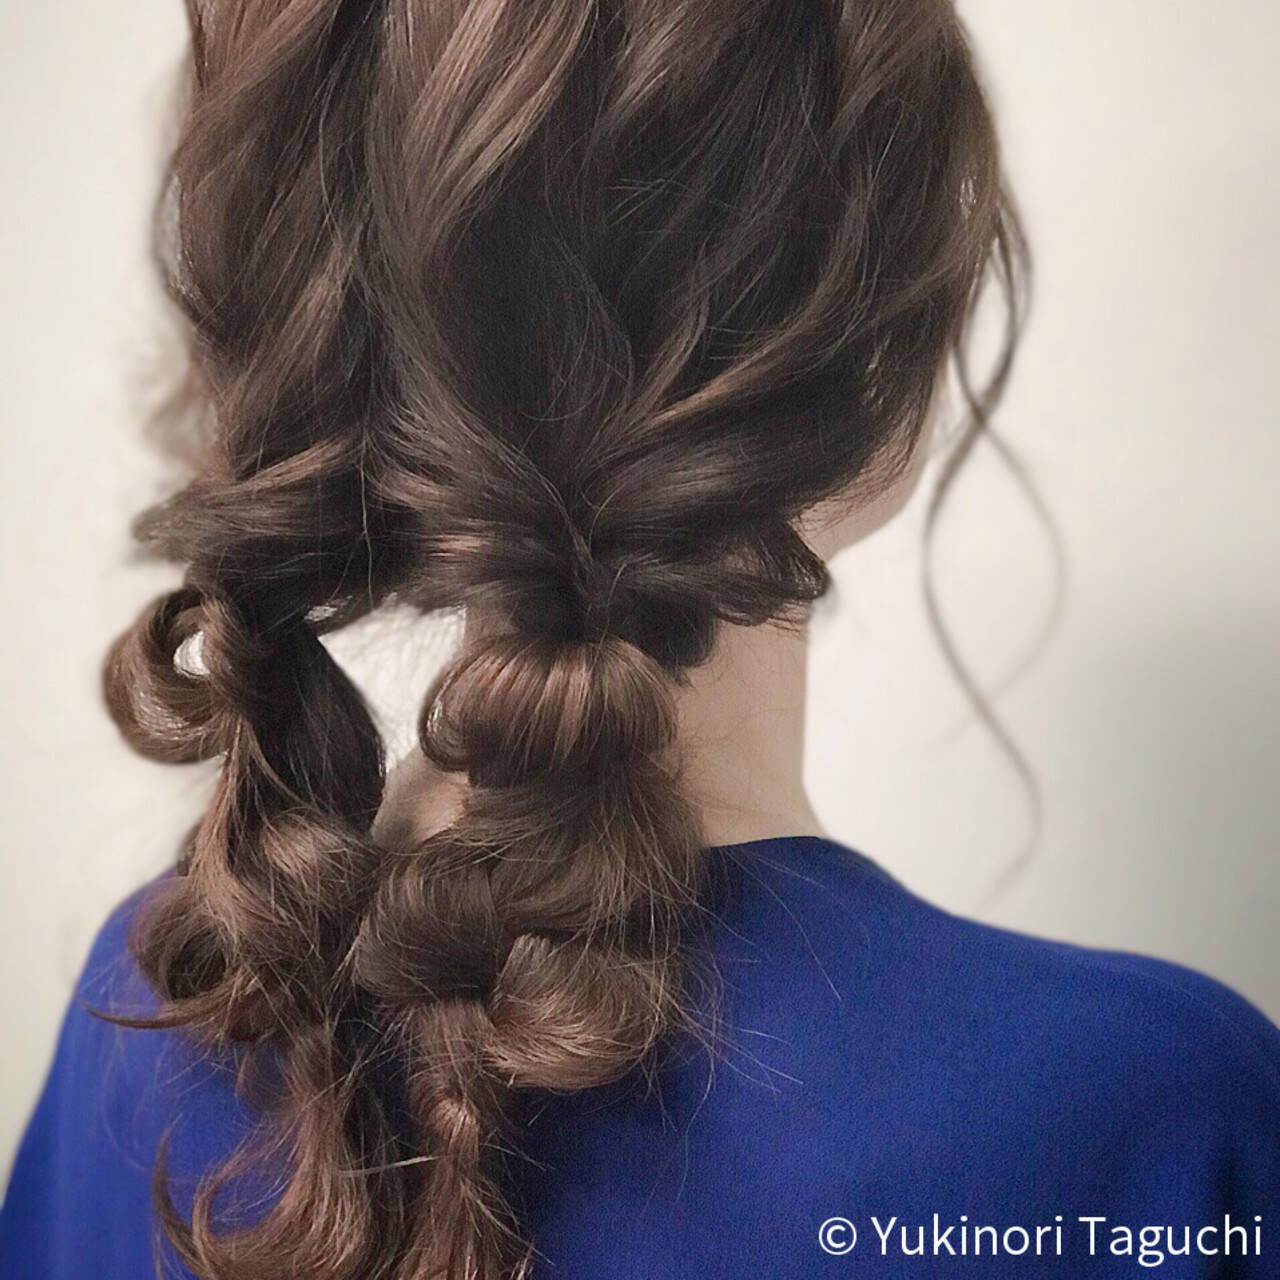 巻き髪 デート ヘアカラー セミロングヘアスタイルや髪型の写真・画像